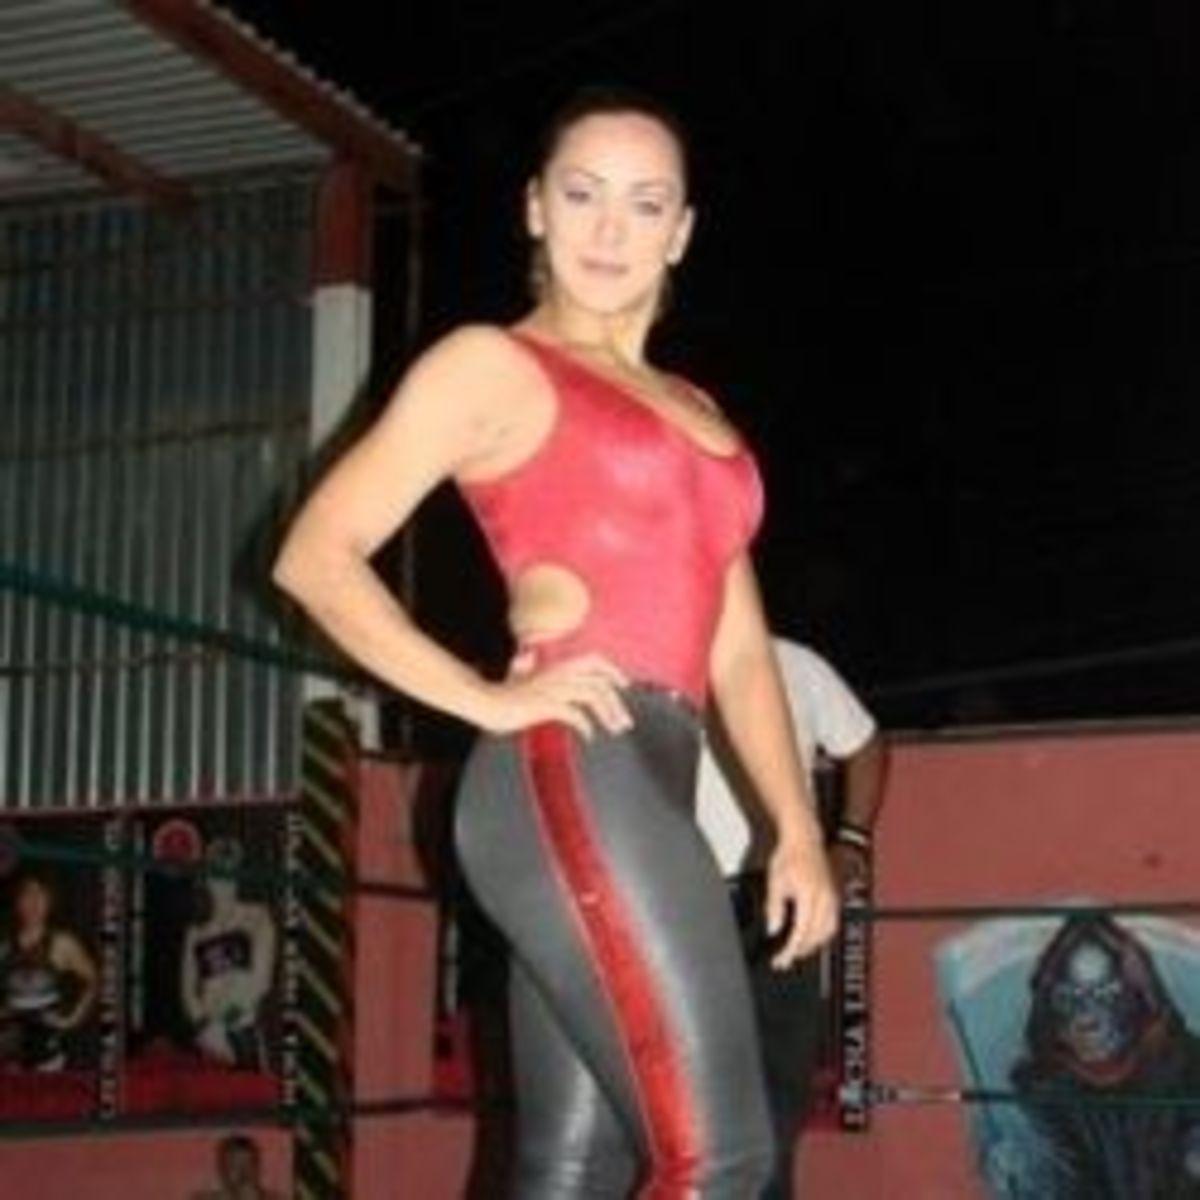 Luchadora Diana la Cazadora